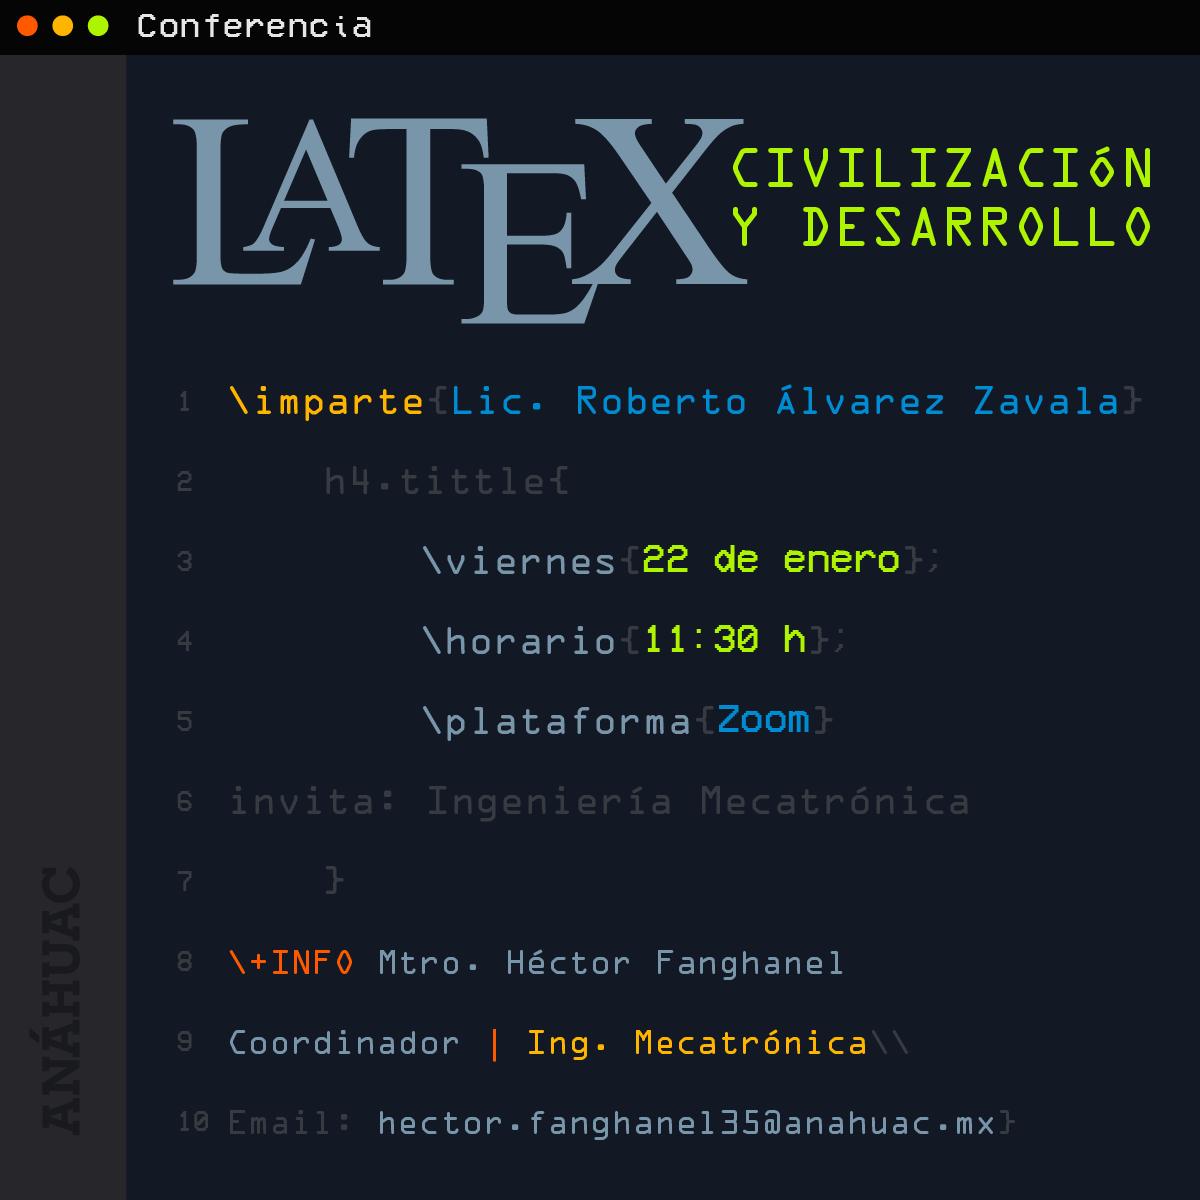 LaTeX: Civilización y Desarrollo